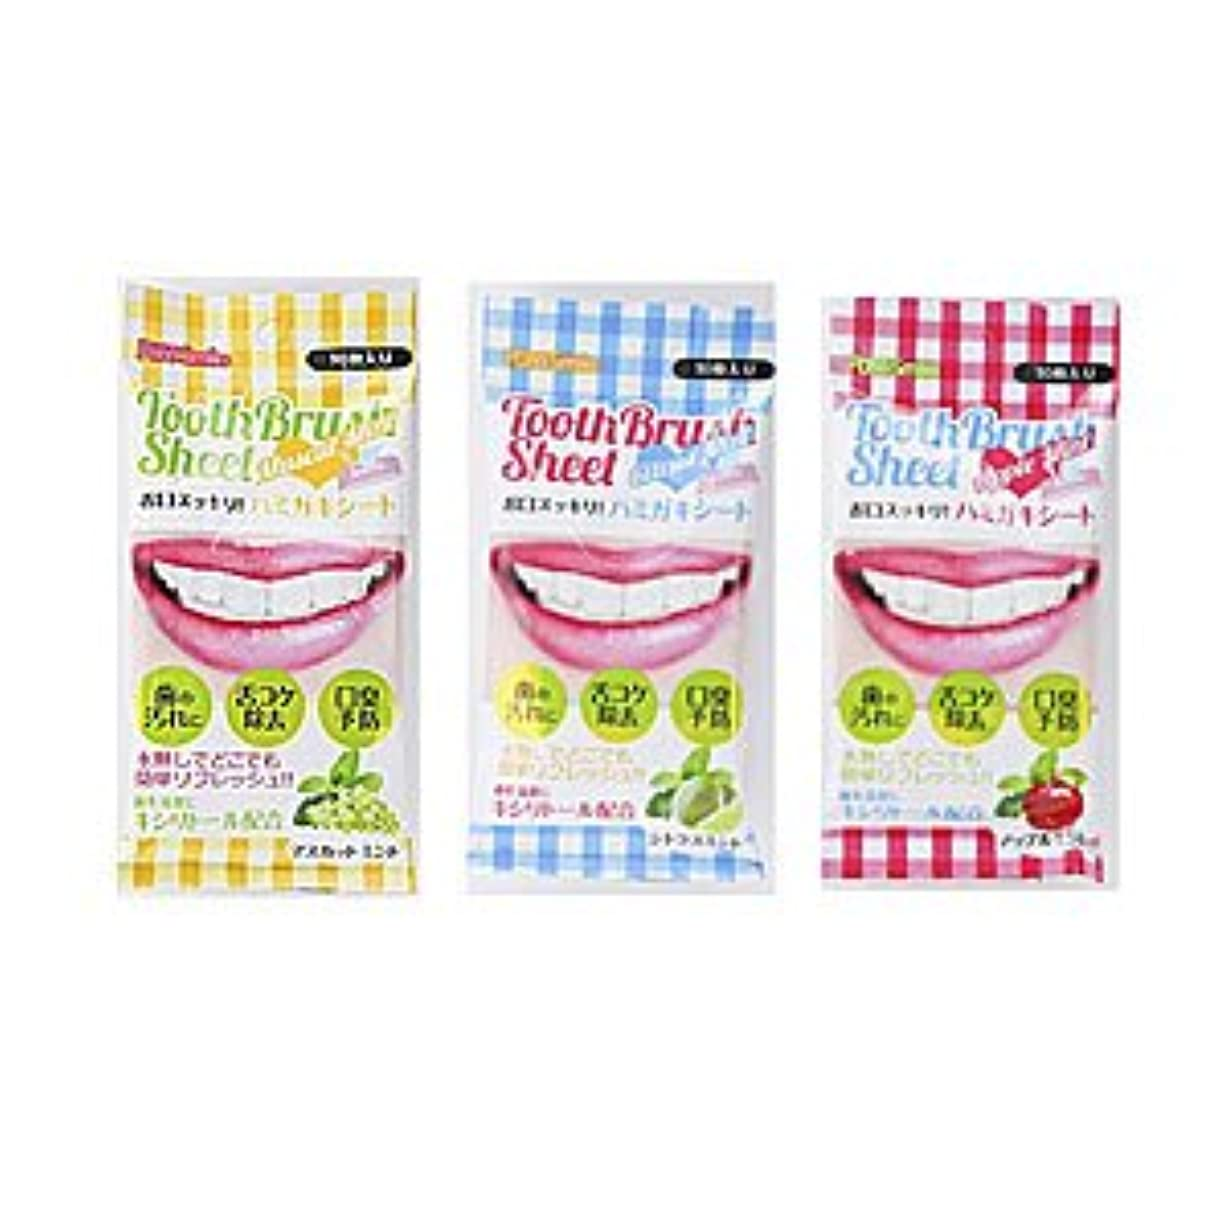 削減勃起塗抹ピュアスマイル 歯磨きシート 全3種類 (アップルミント)